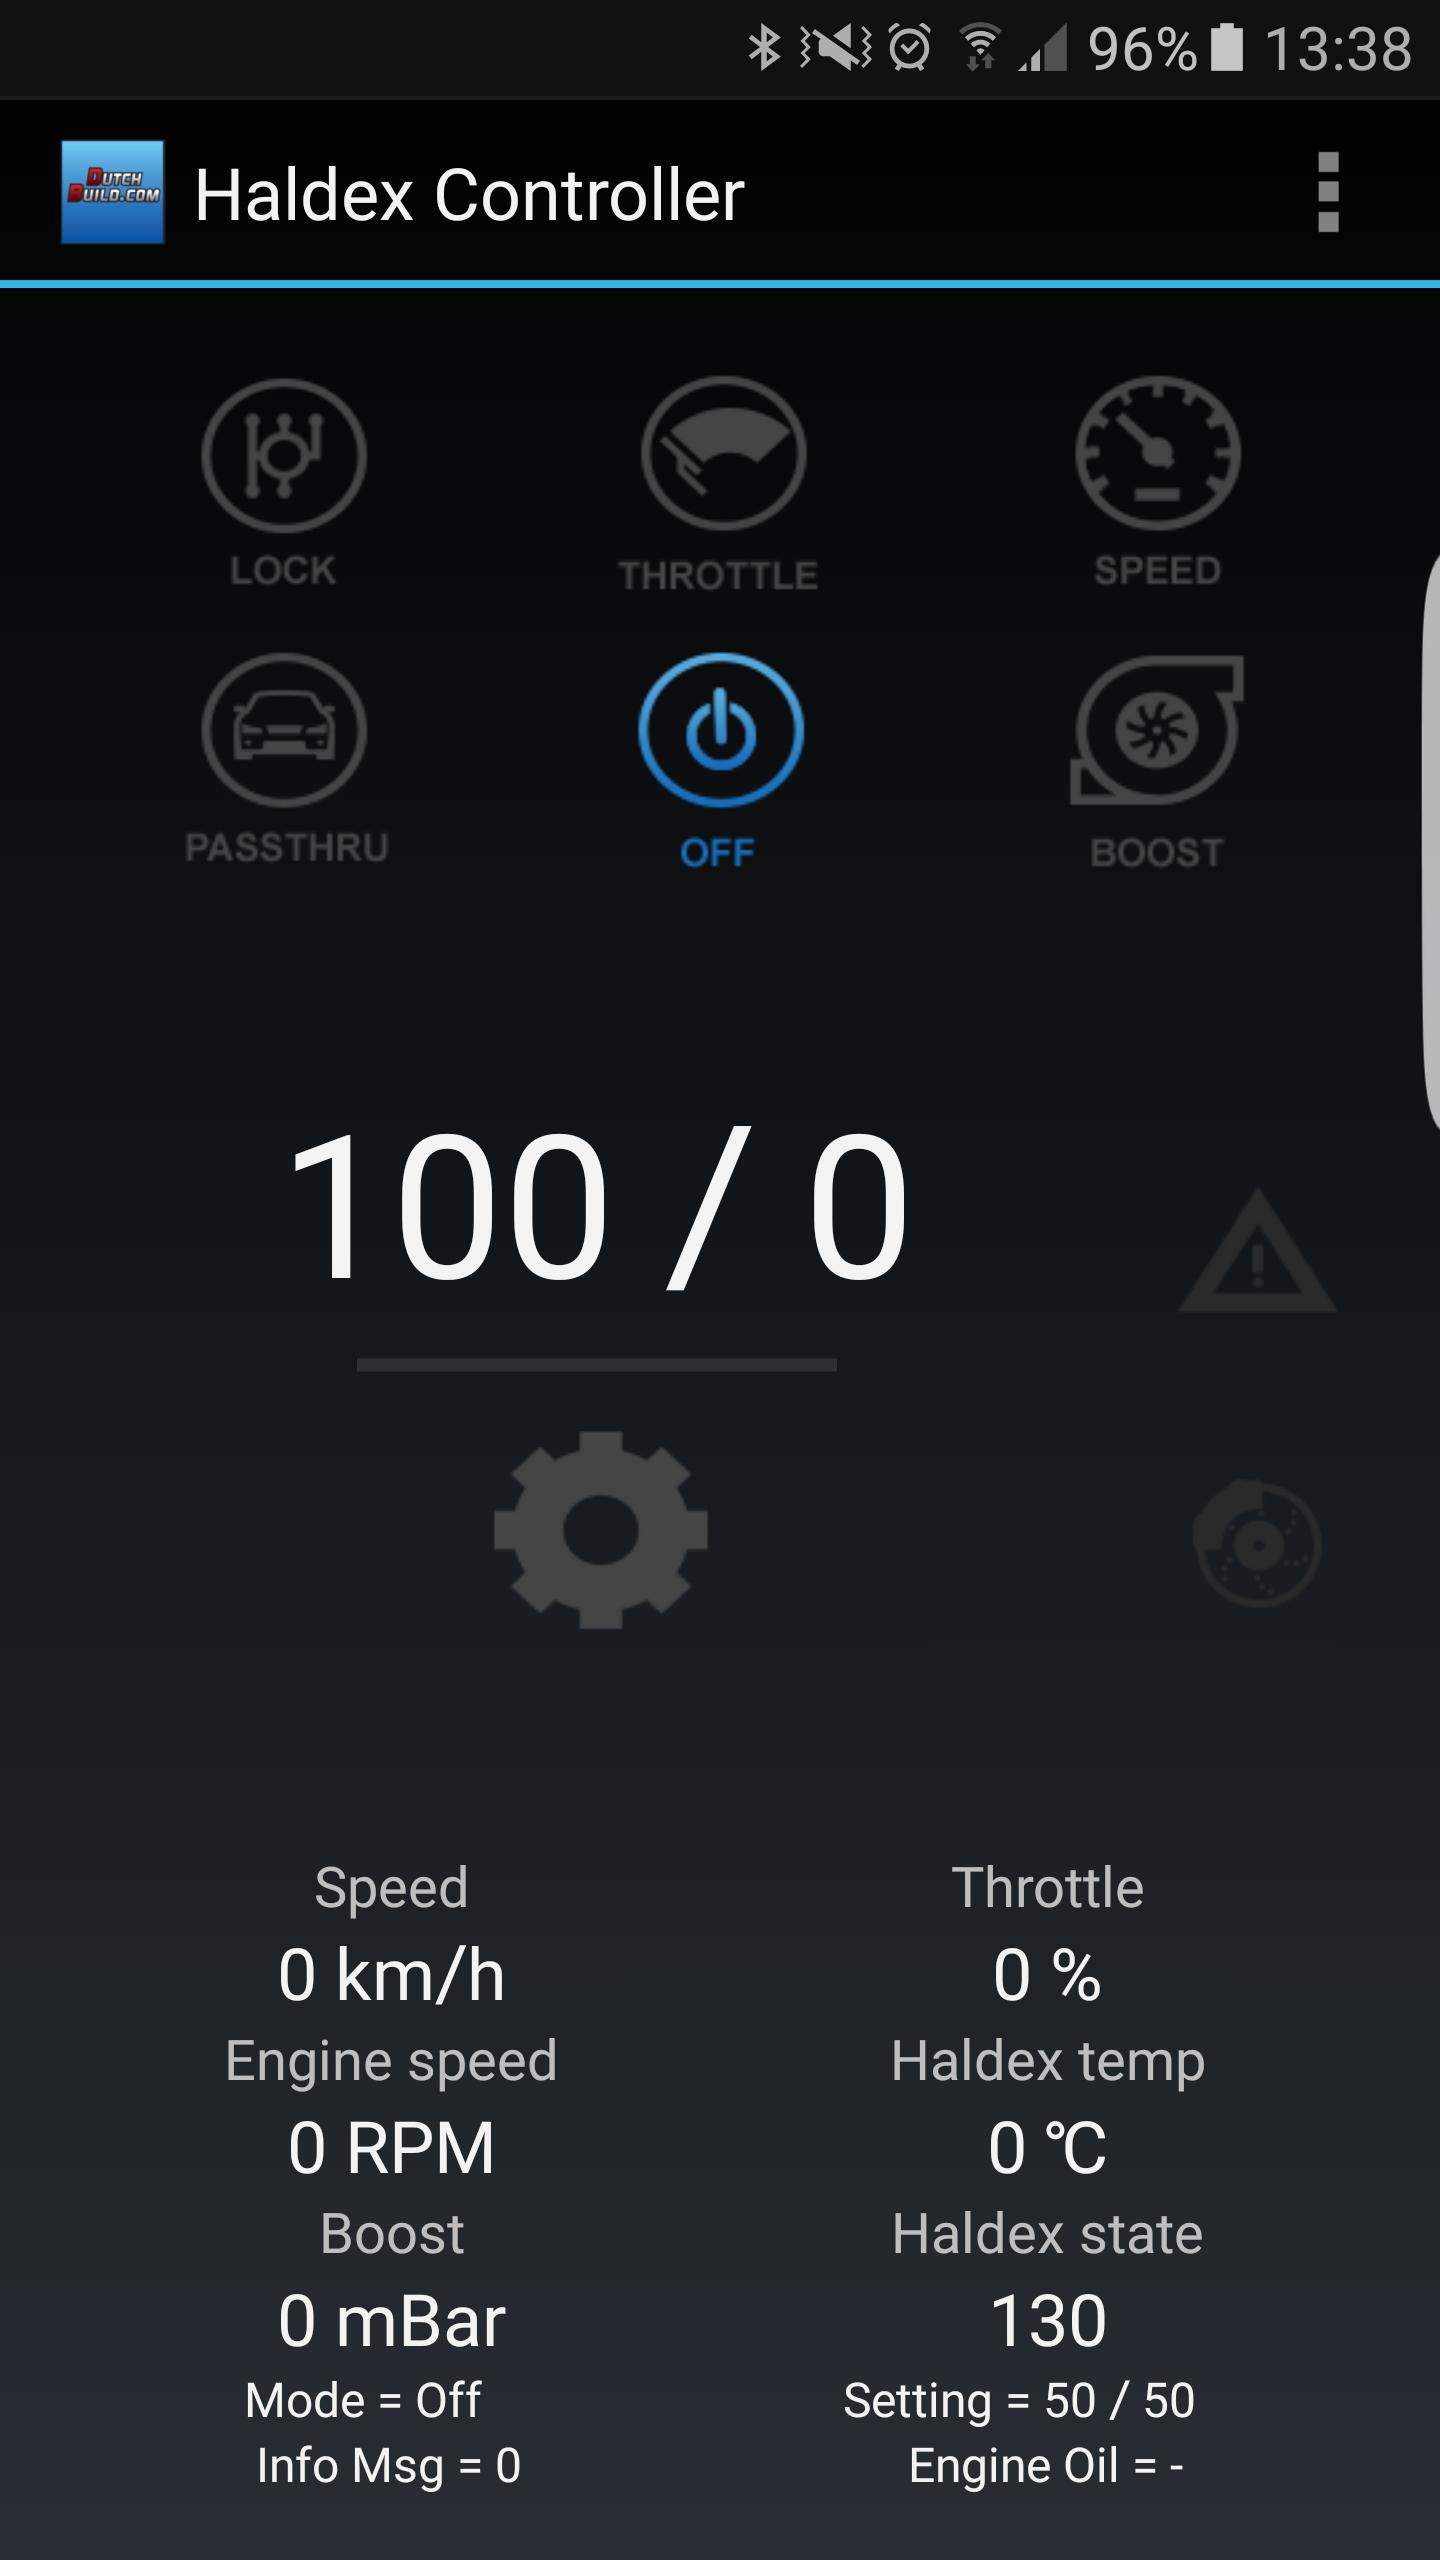 Dutchbuild Haldex controller App